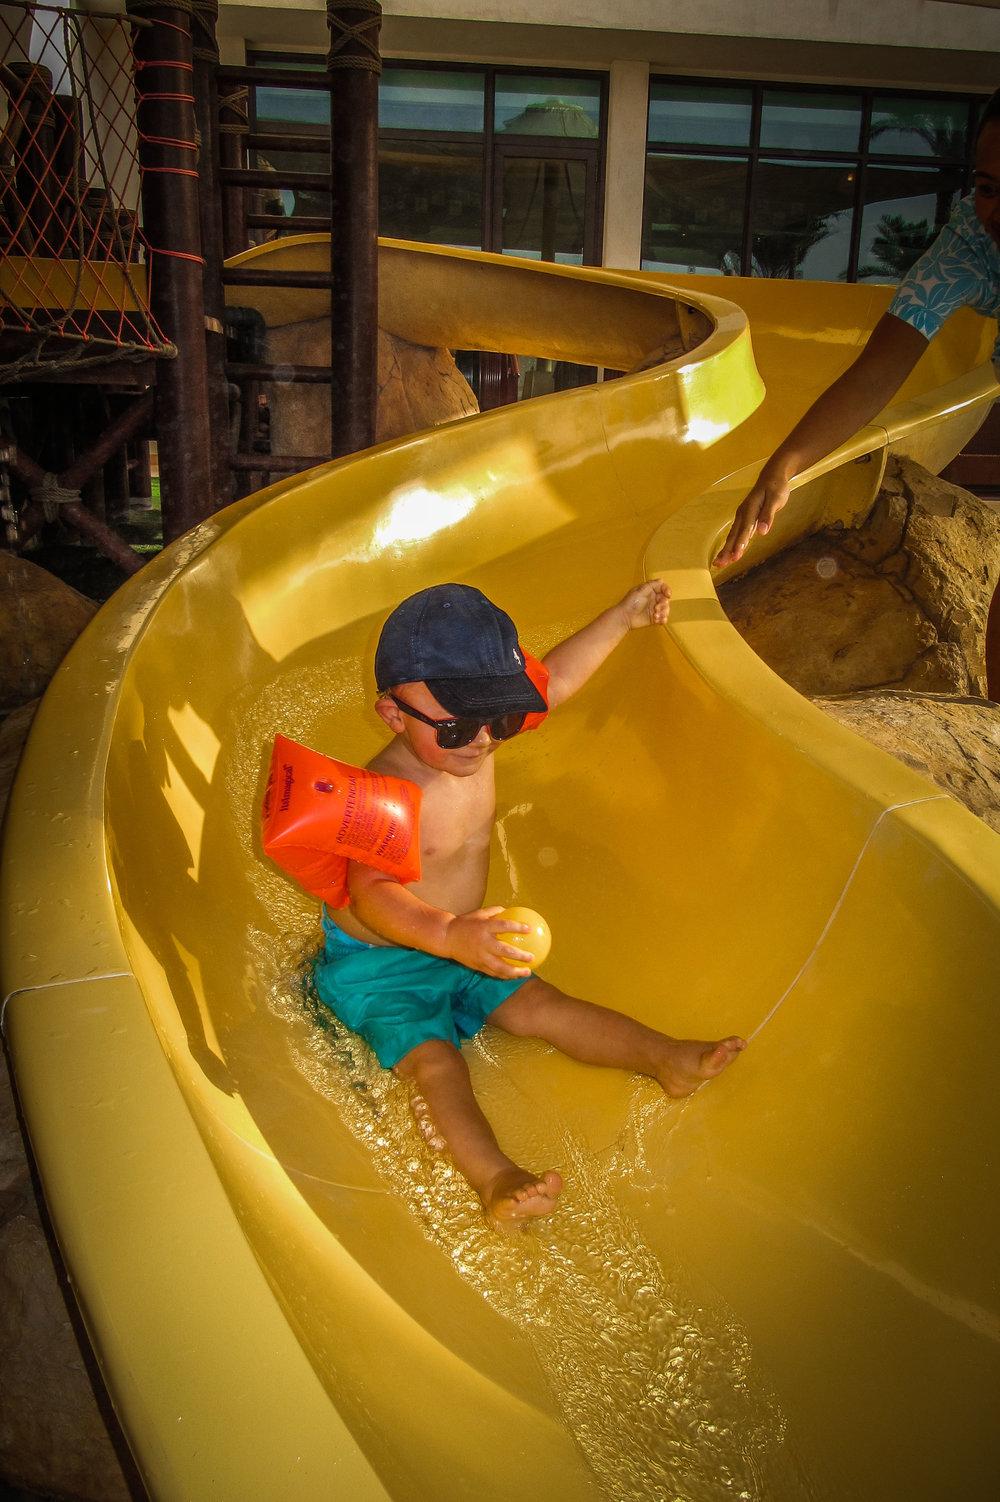 Reizen_met_kinderen_abu_Dhabi-0141.jpg